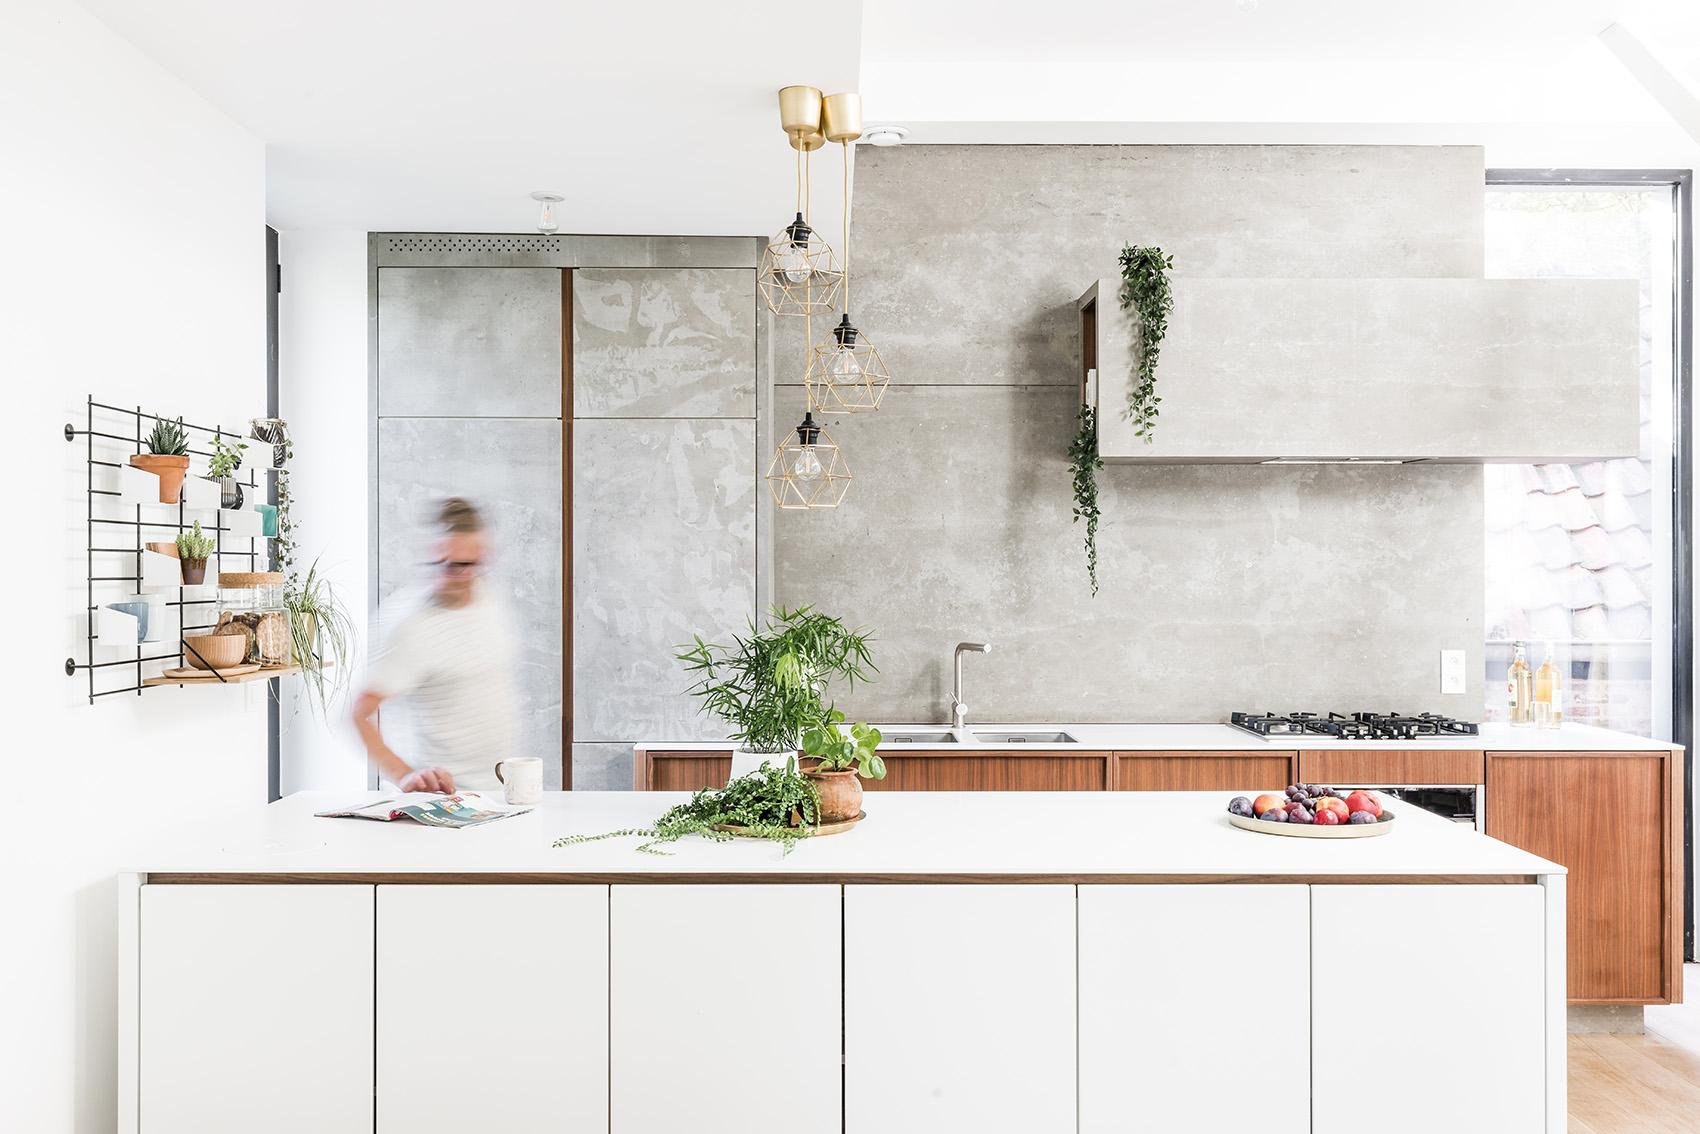 Keukeneiland op wieltjes